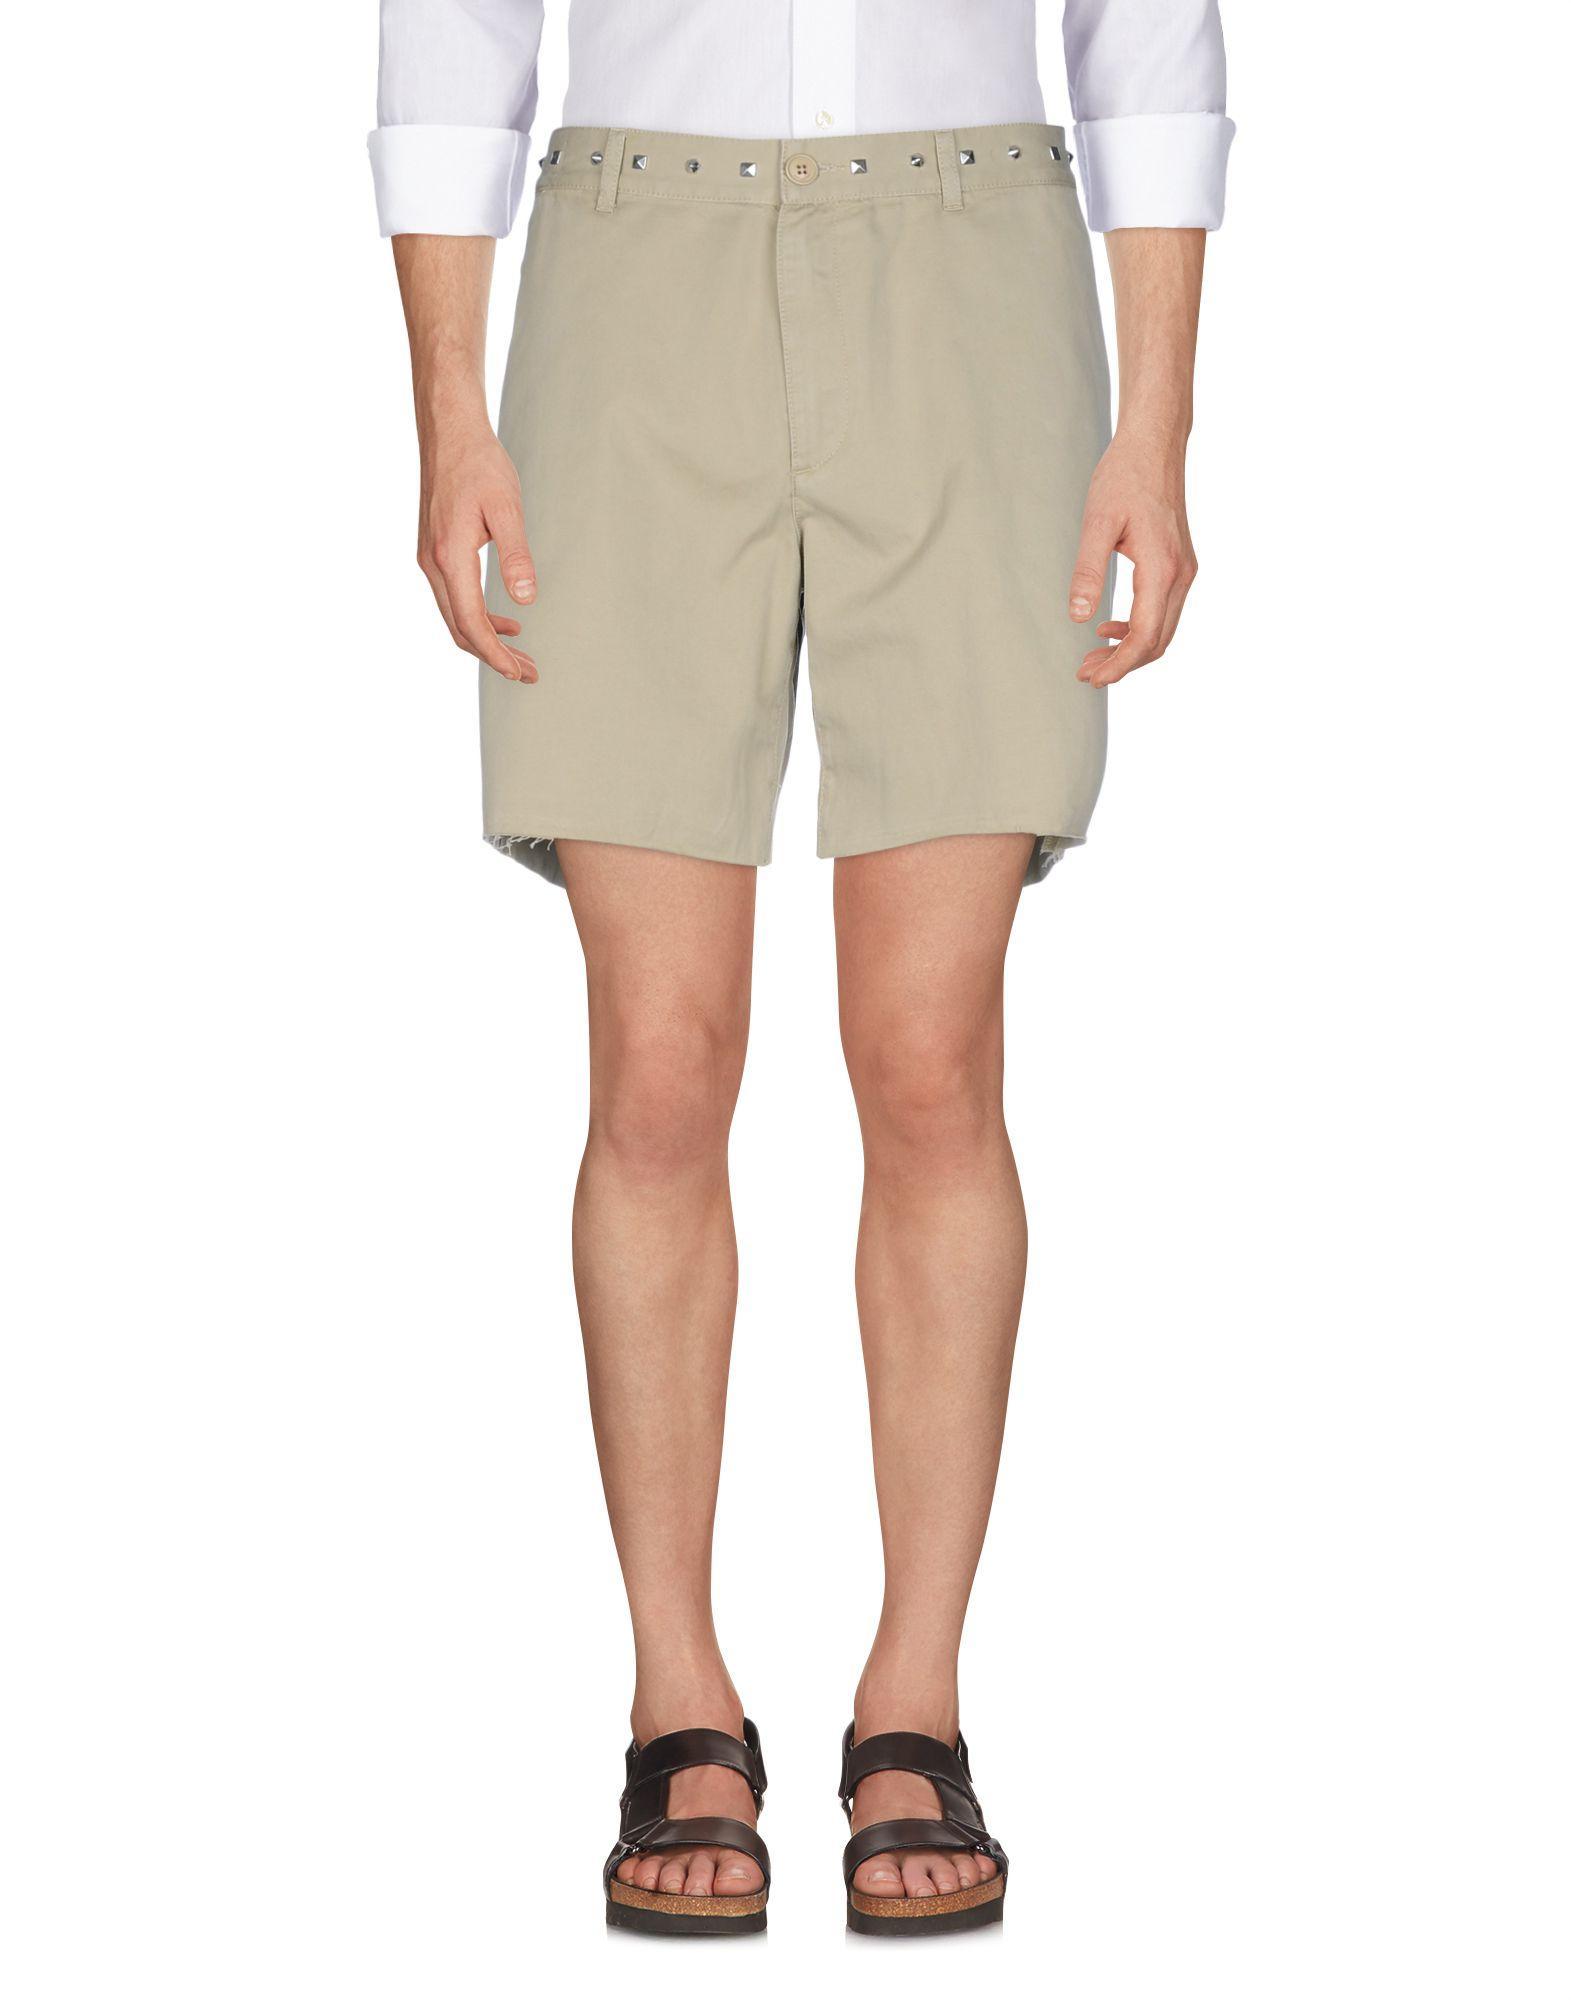 c63d7b6983 Shorts & Bermuda in Beige